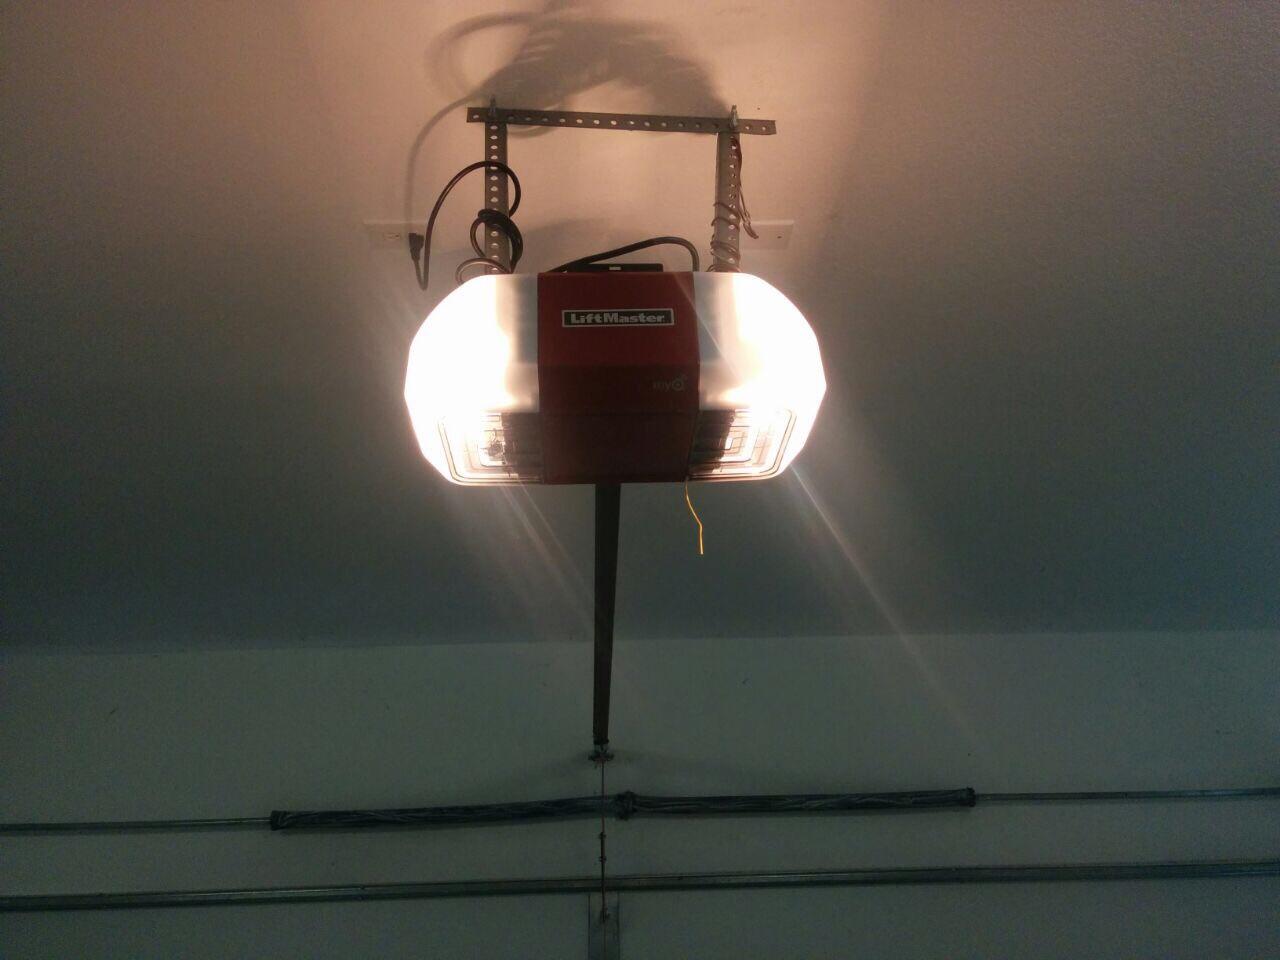 Liftmaster Light Bulb Bulbs Ideas